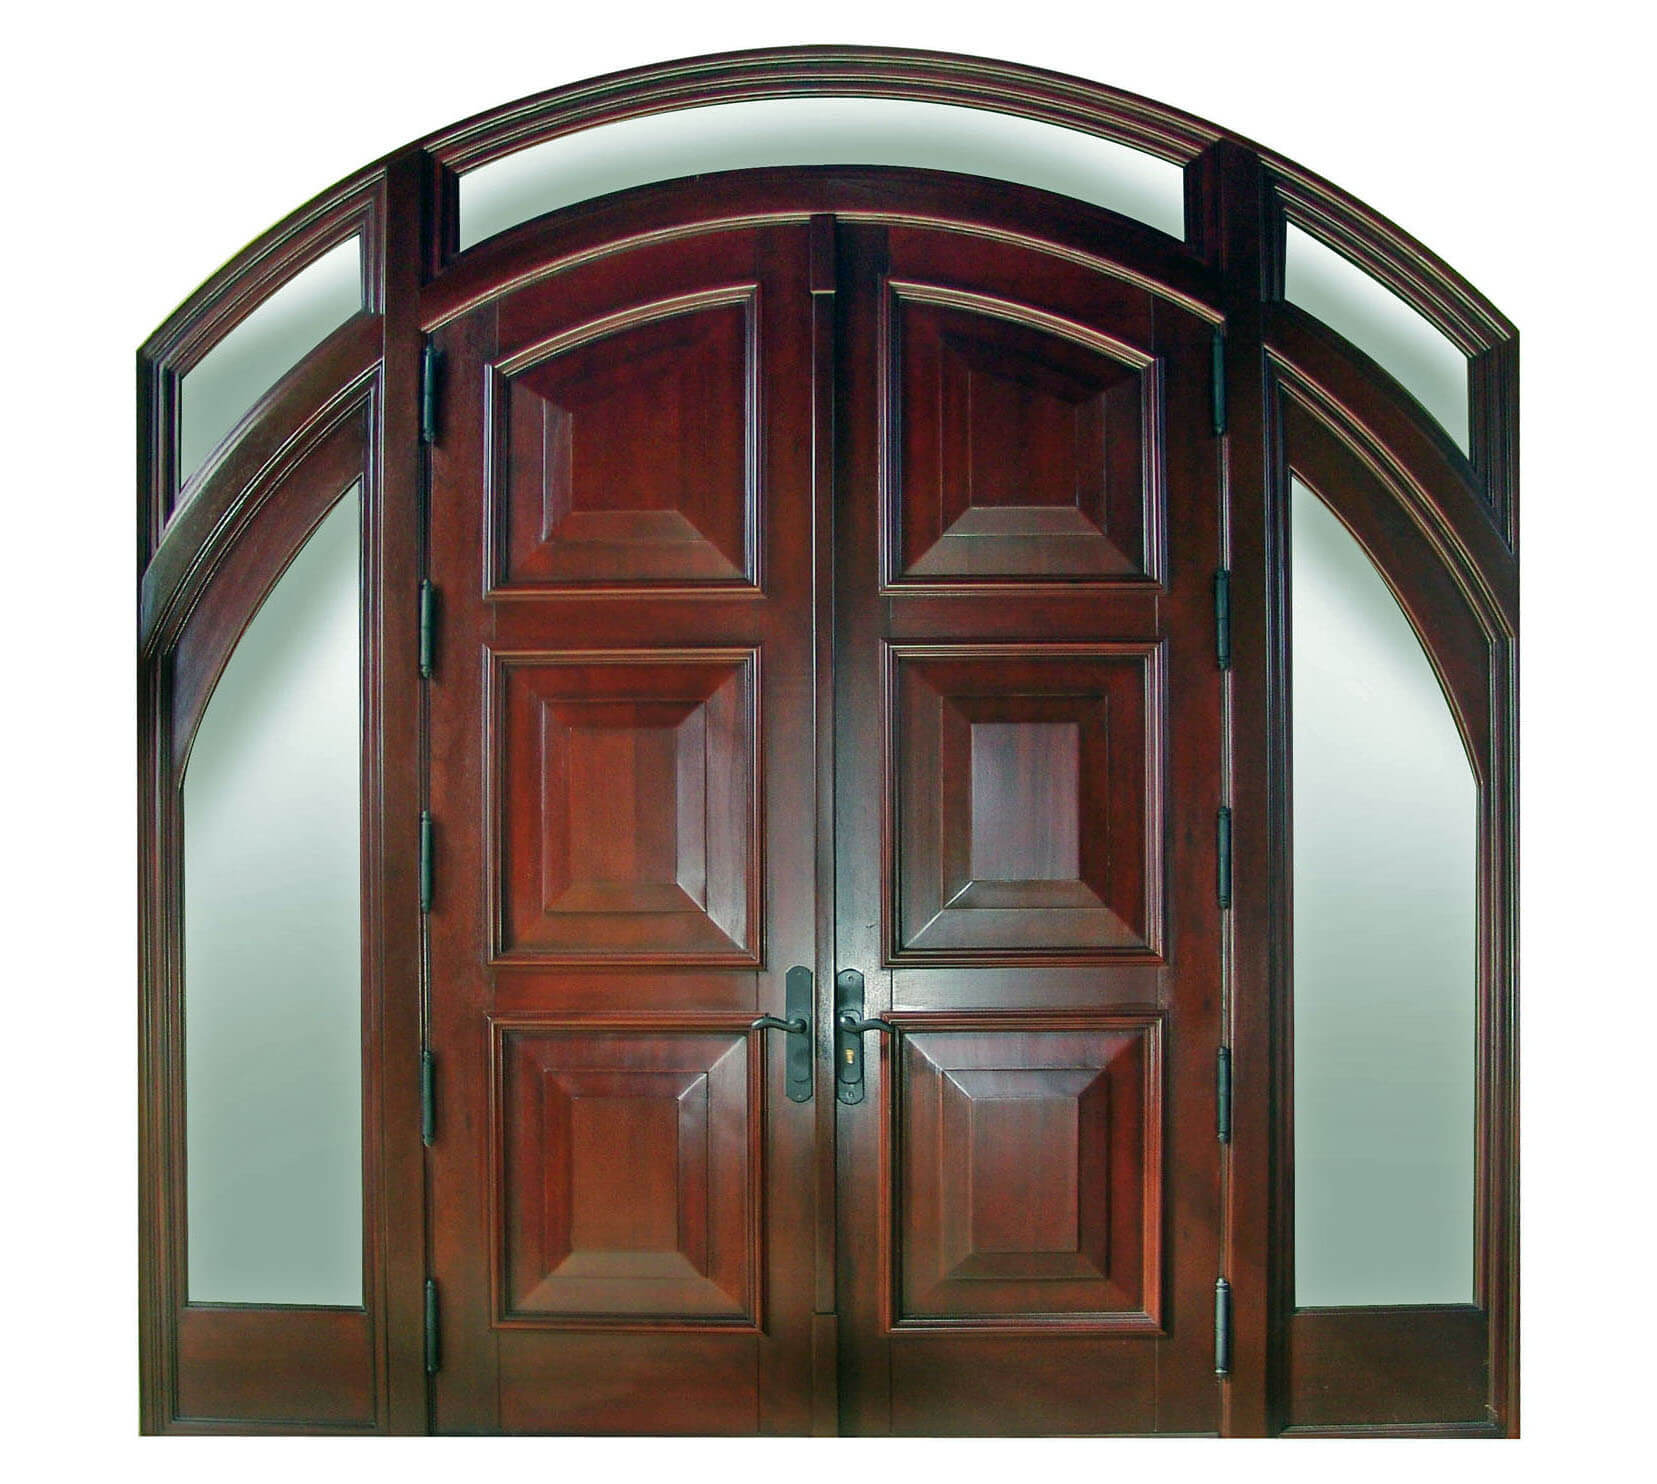 Sunset Point Key Mahogany Entry Doors